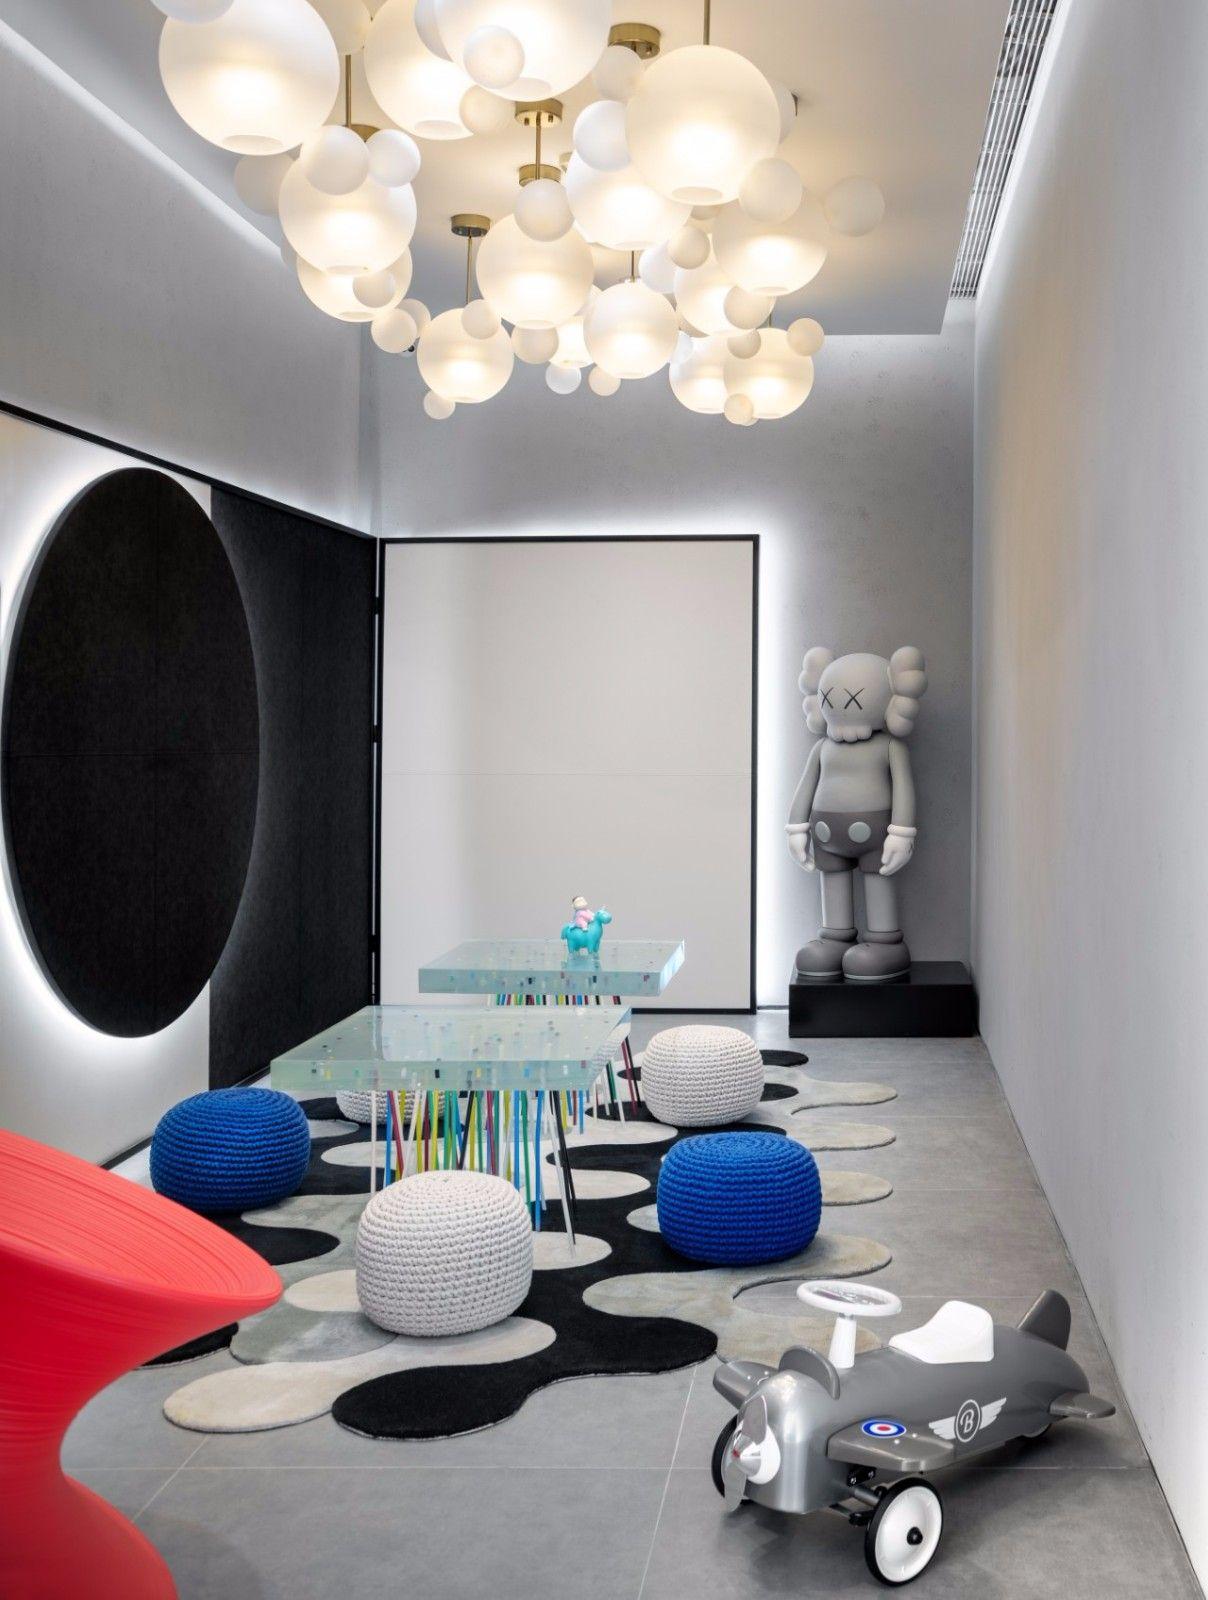 【G&K新作】武汉最艺术的沉浸体验式售楼处设计|G&K建筑设计咨询有限公司 - 23